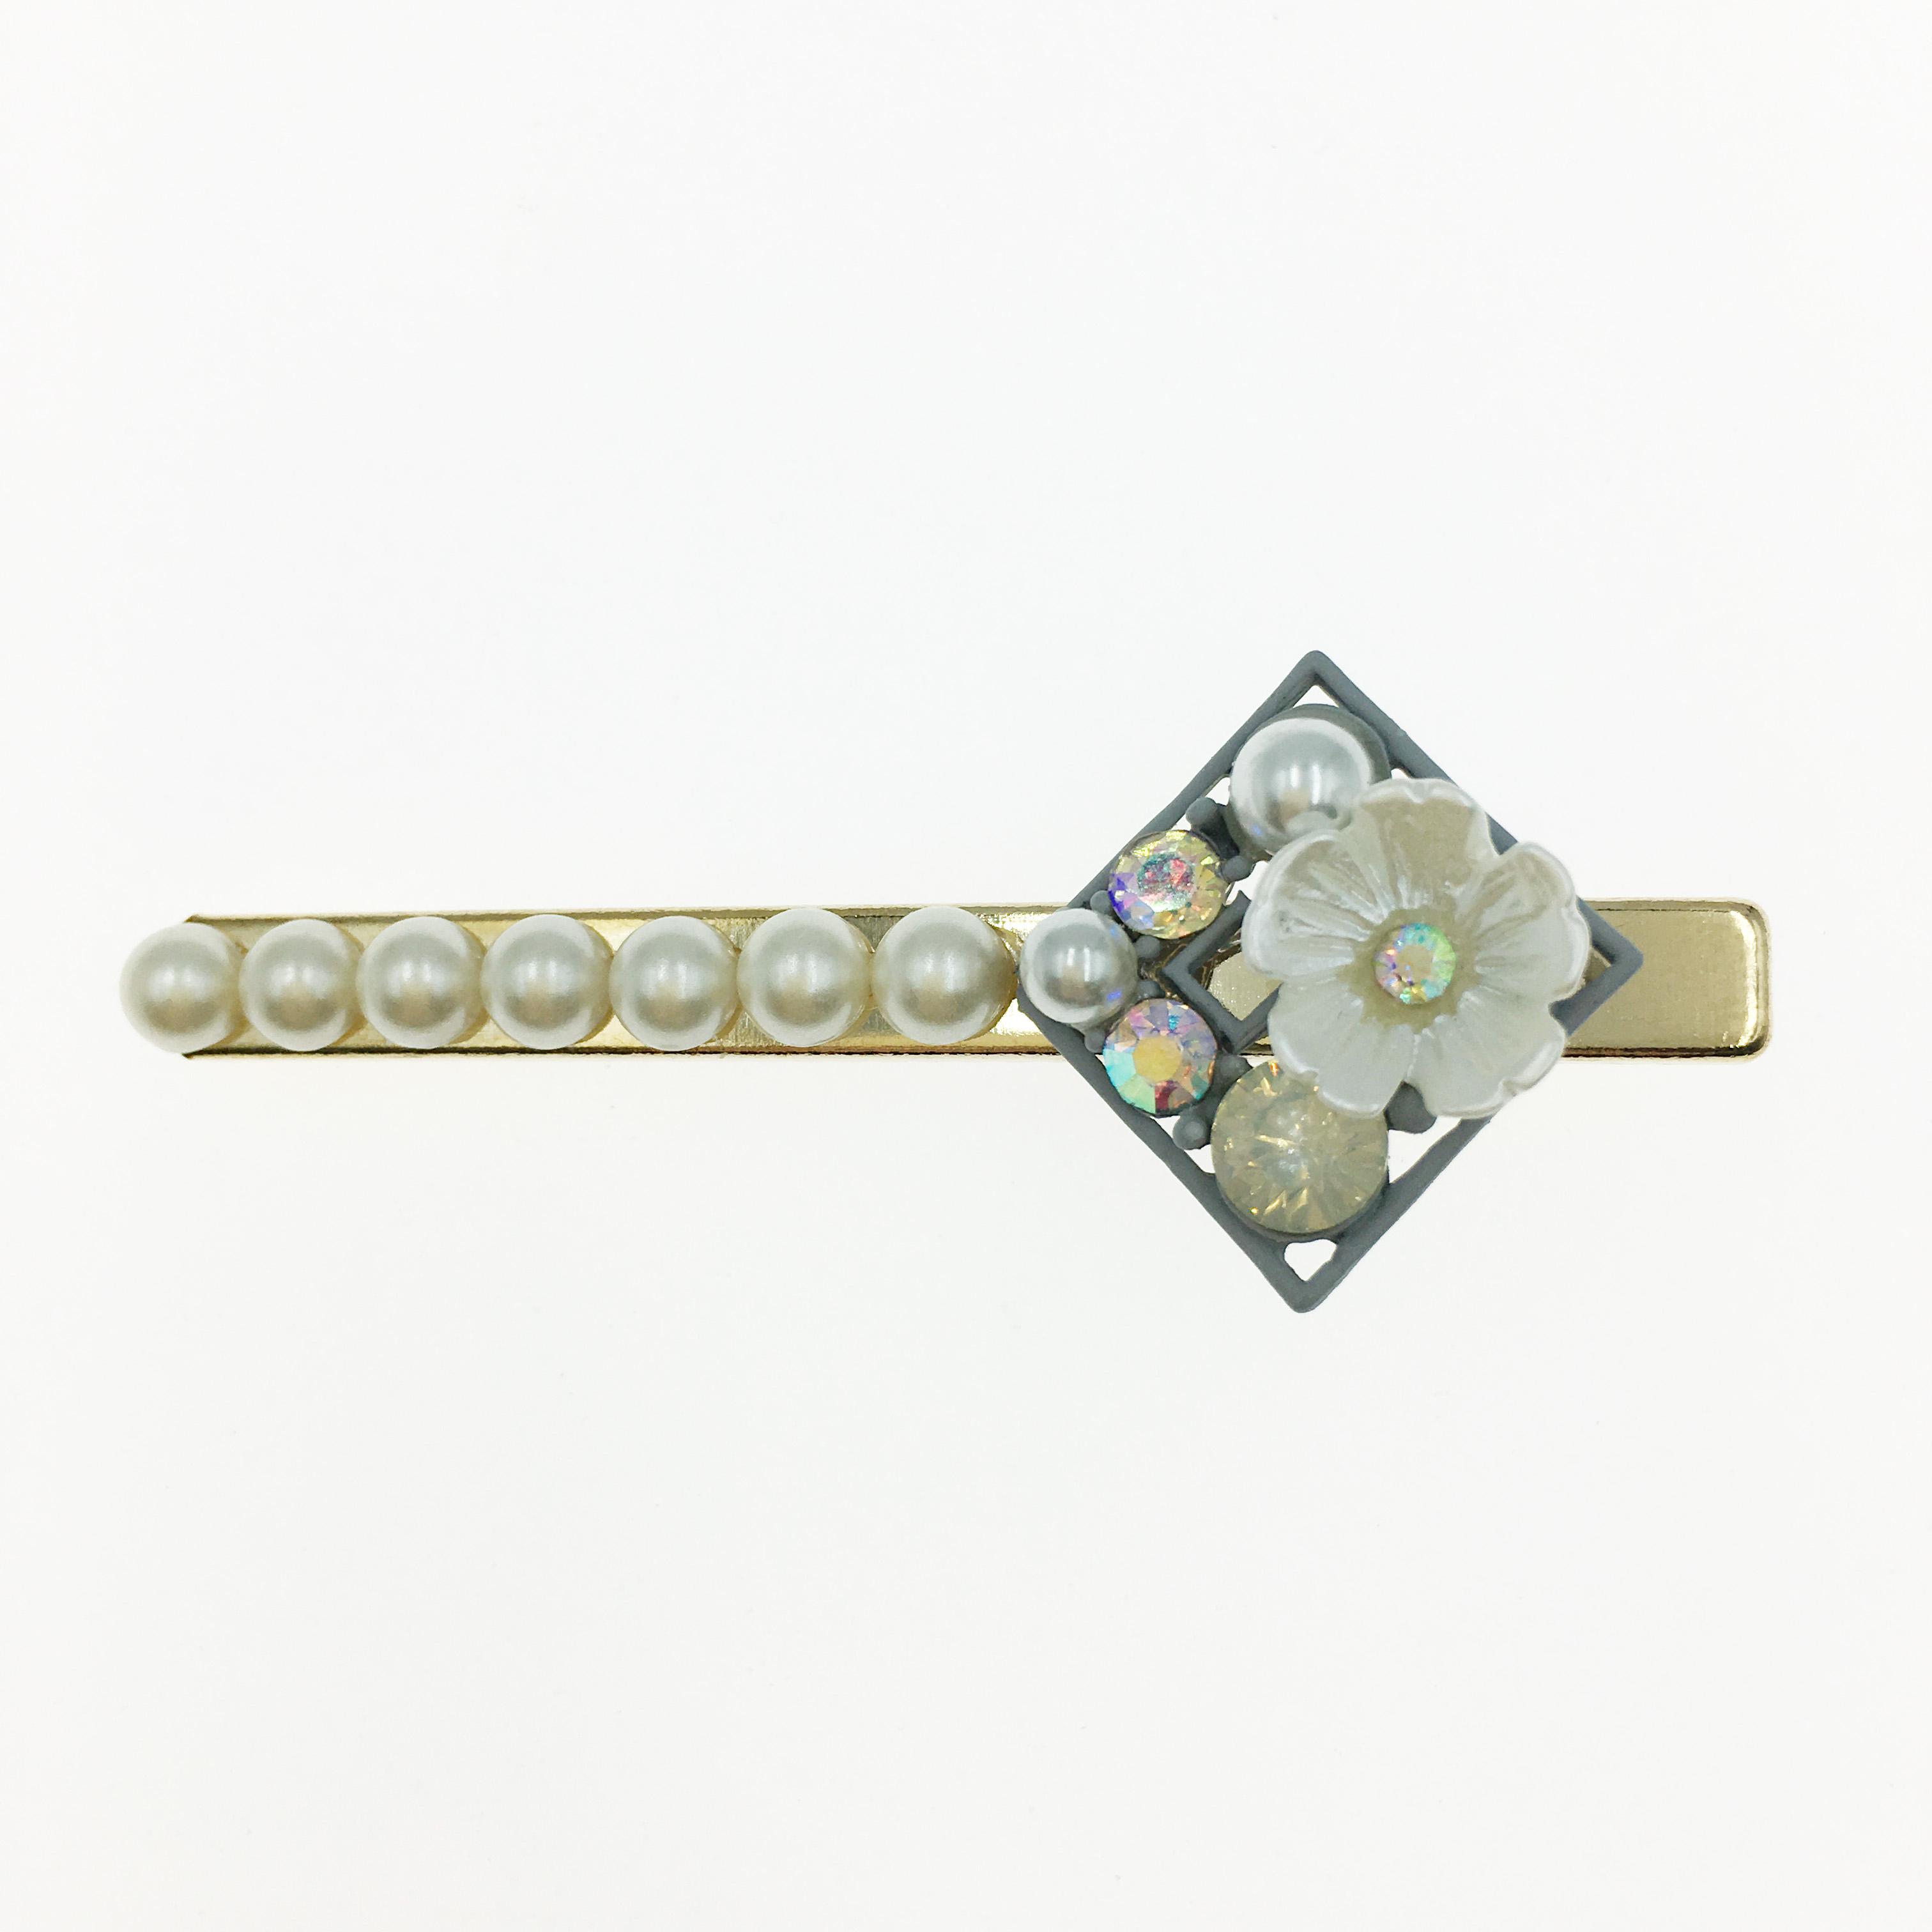 韓國 小花 水鑽 珍珠 方形 壓夾 髮夾 髮飾